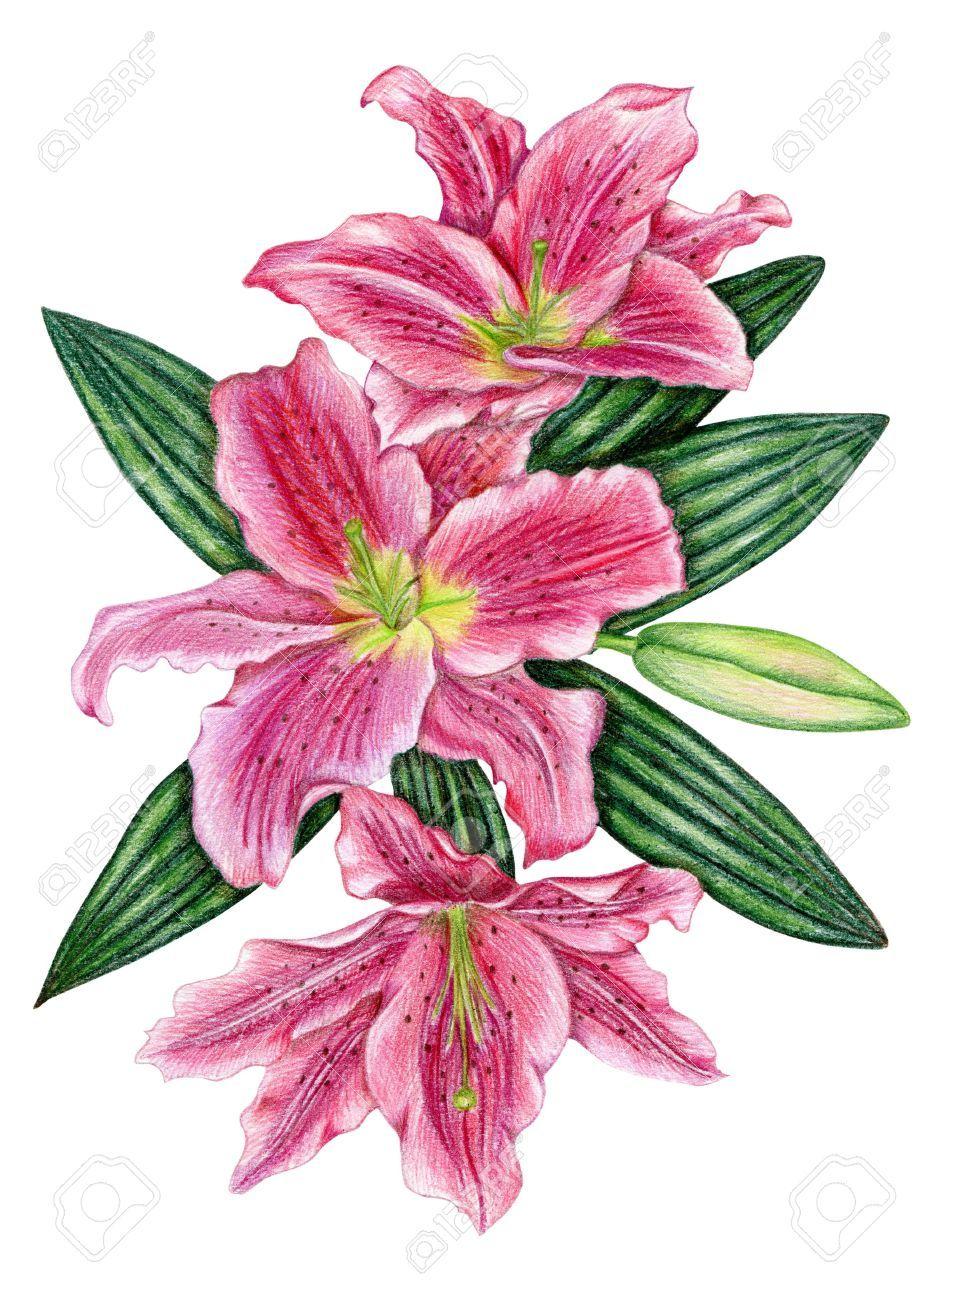 Flores de lis de color rosa a l piz con hojas fotos for Disegni di fiori a matita